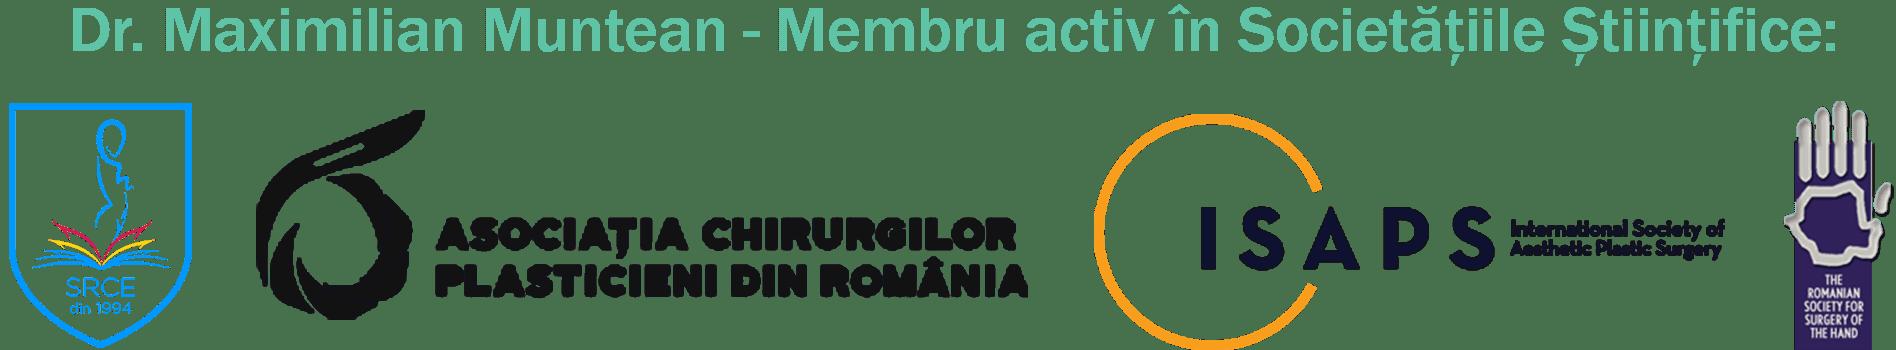 Marirea Penisului - Faloplastie Cluj - Pret | Dr. Maximilian Muntean